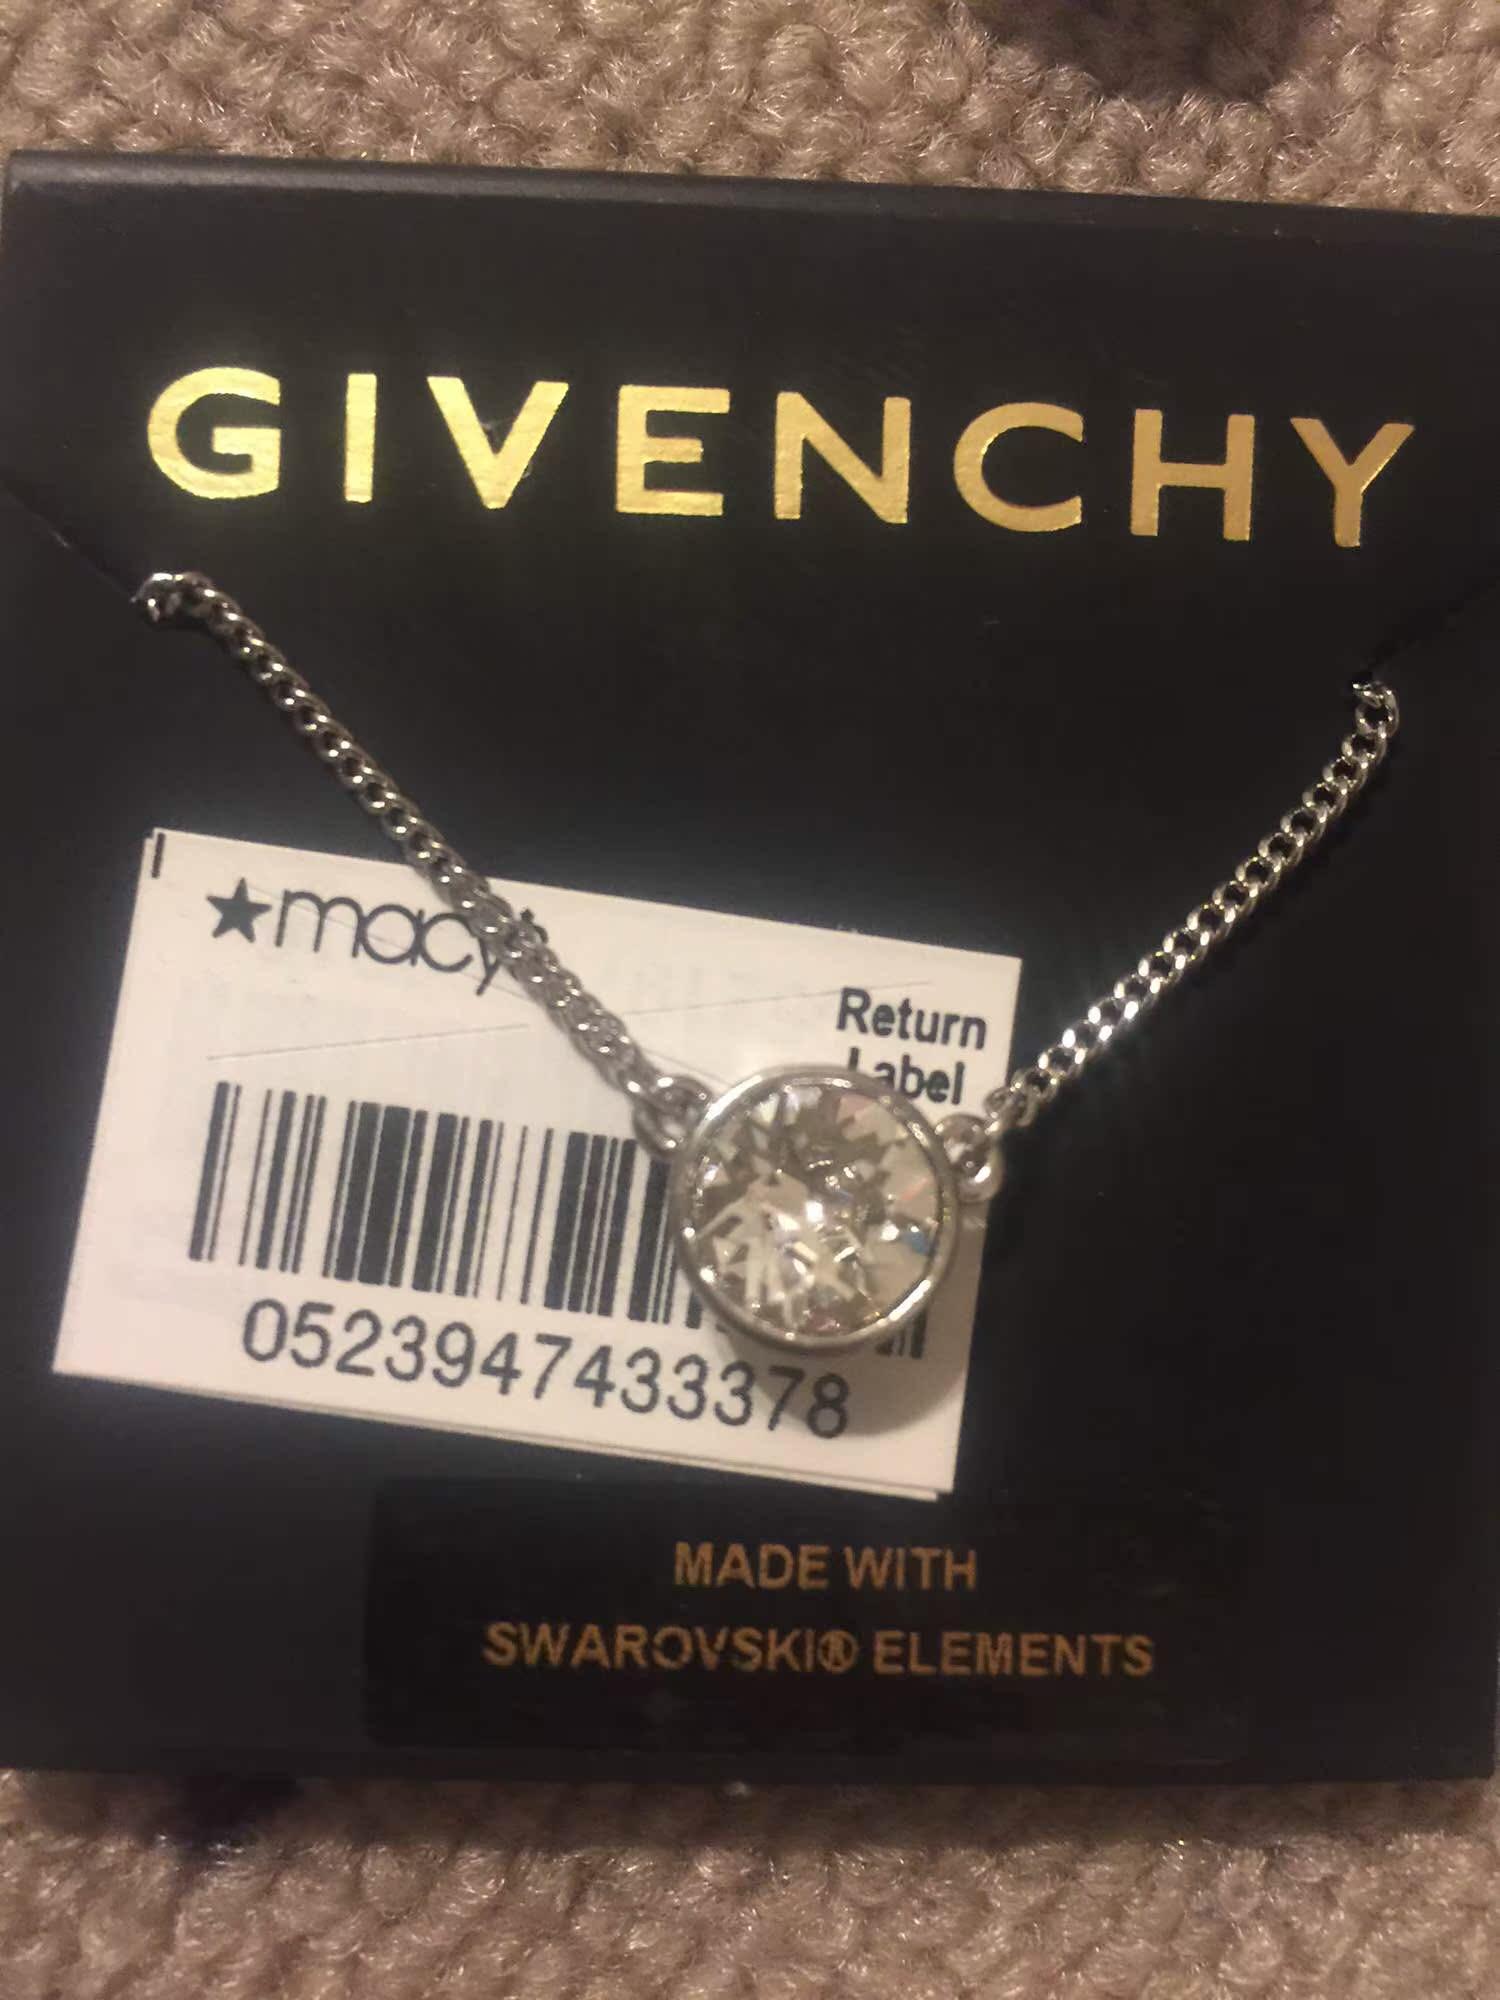 Ожерелье Givenchy givenchy 2014 12g 2 7